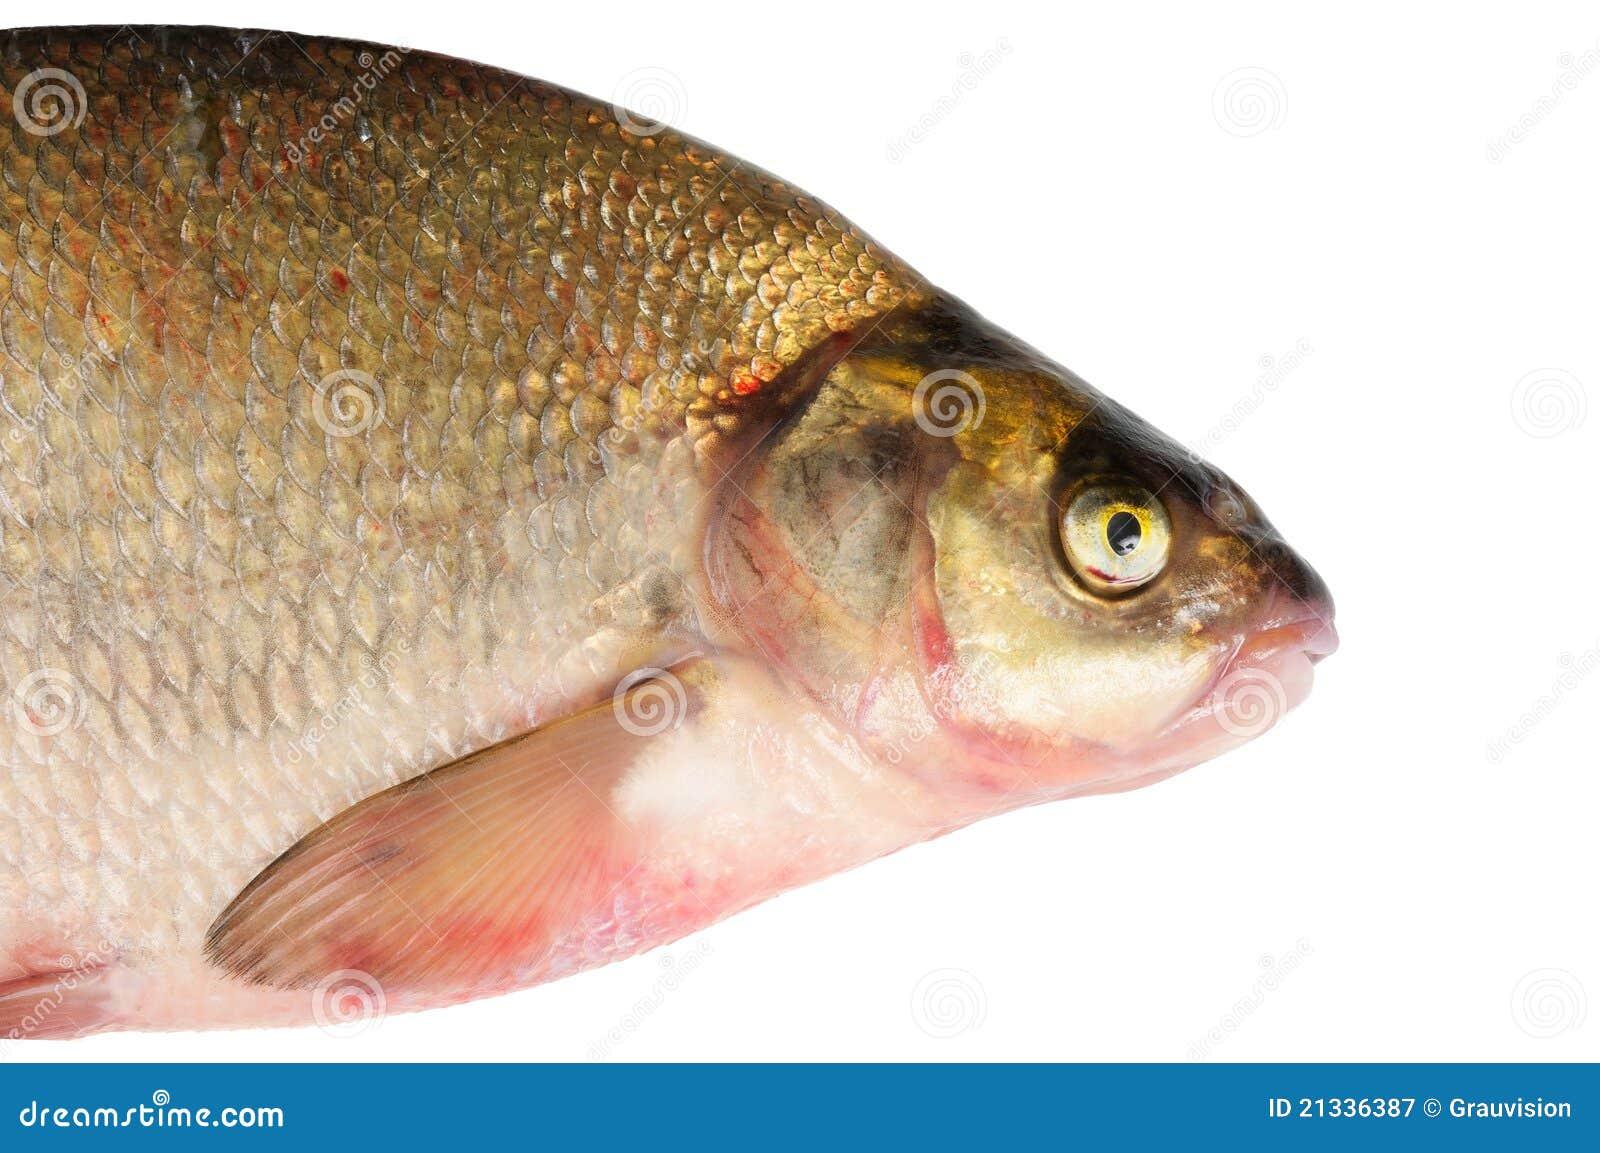 Freshwater fish bream - Fresh Freshwater Fish Bream